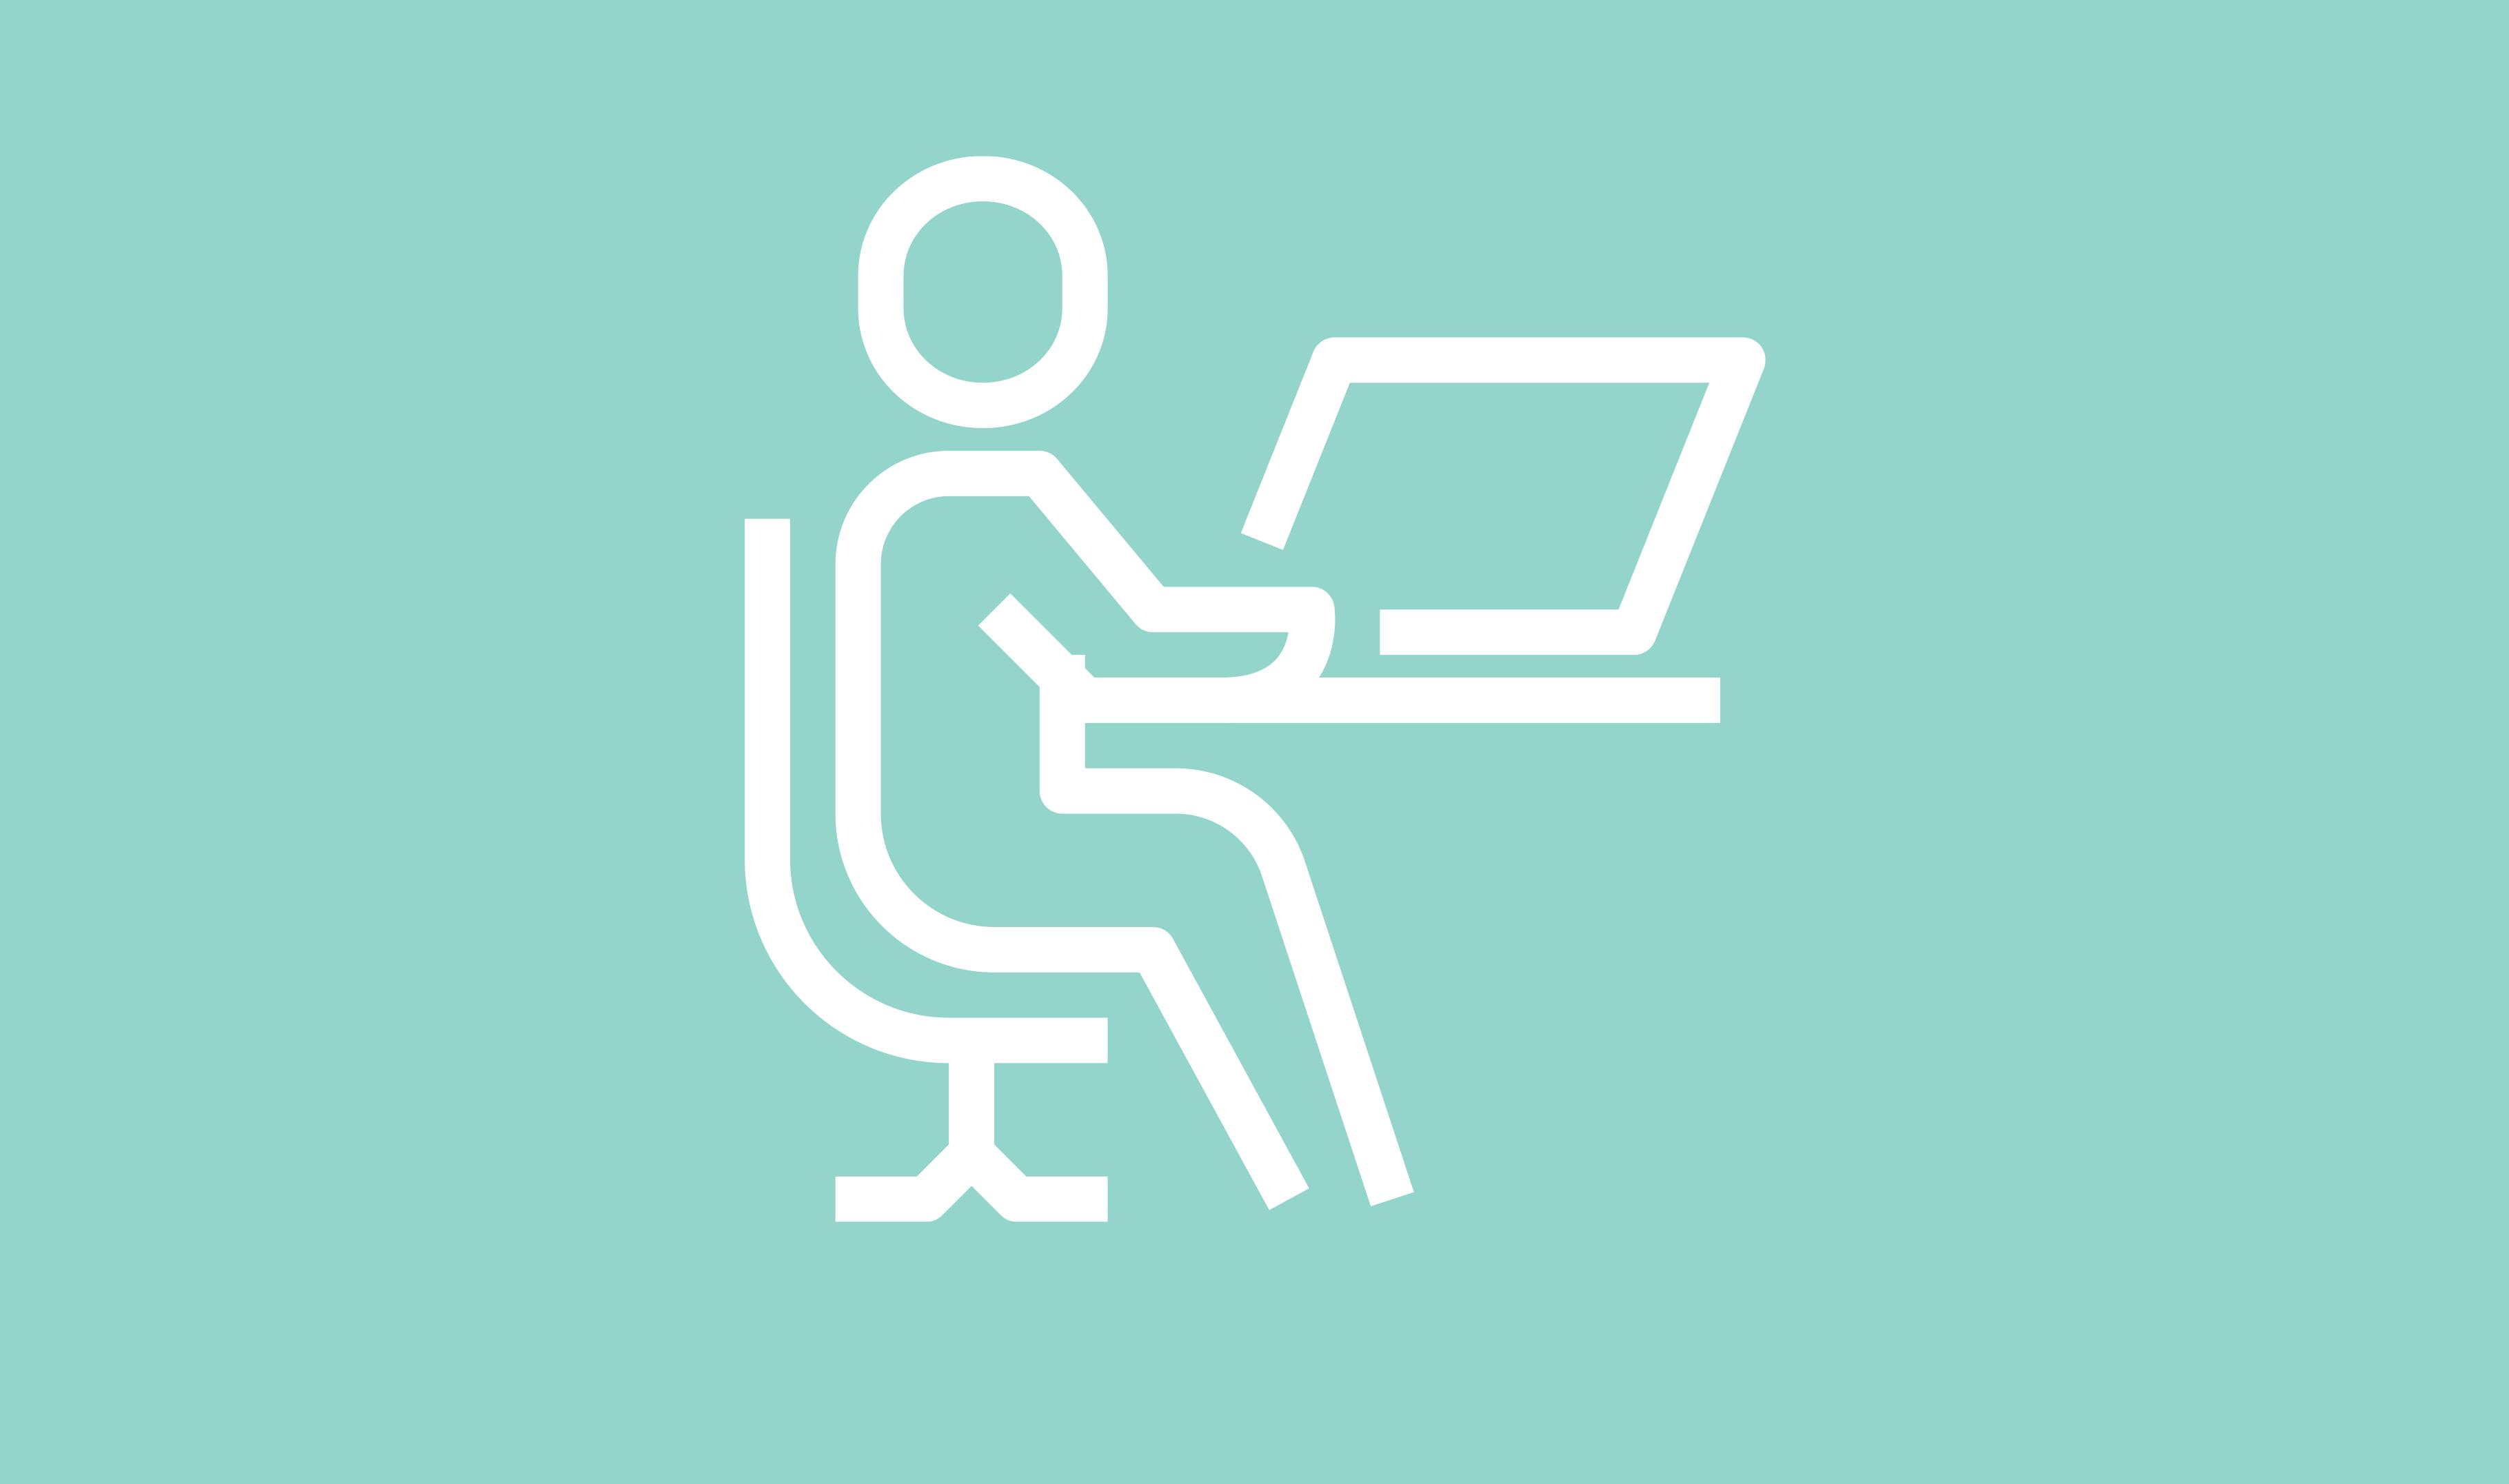 [WEBINAR] No B.S. Process For Choosing Tech